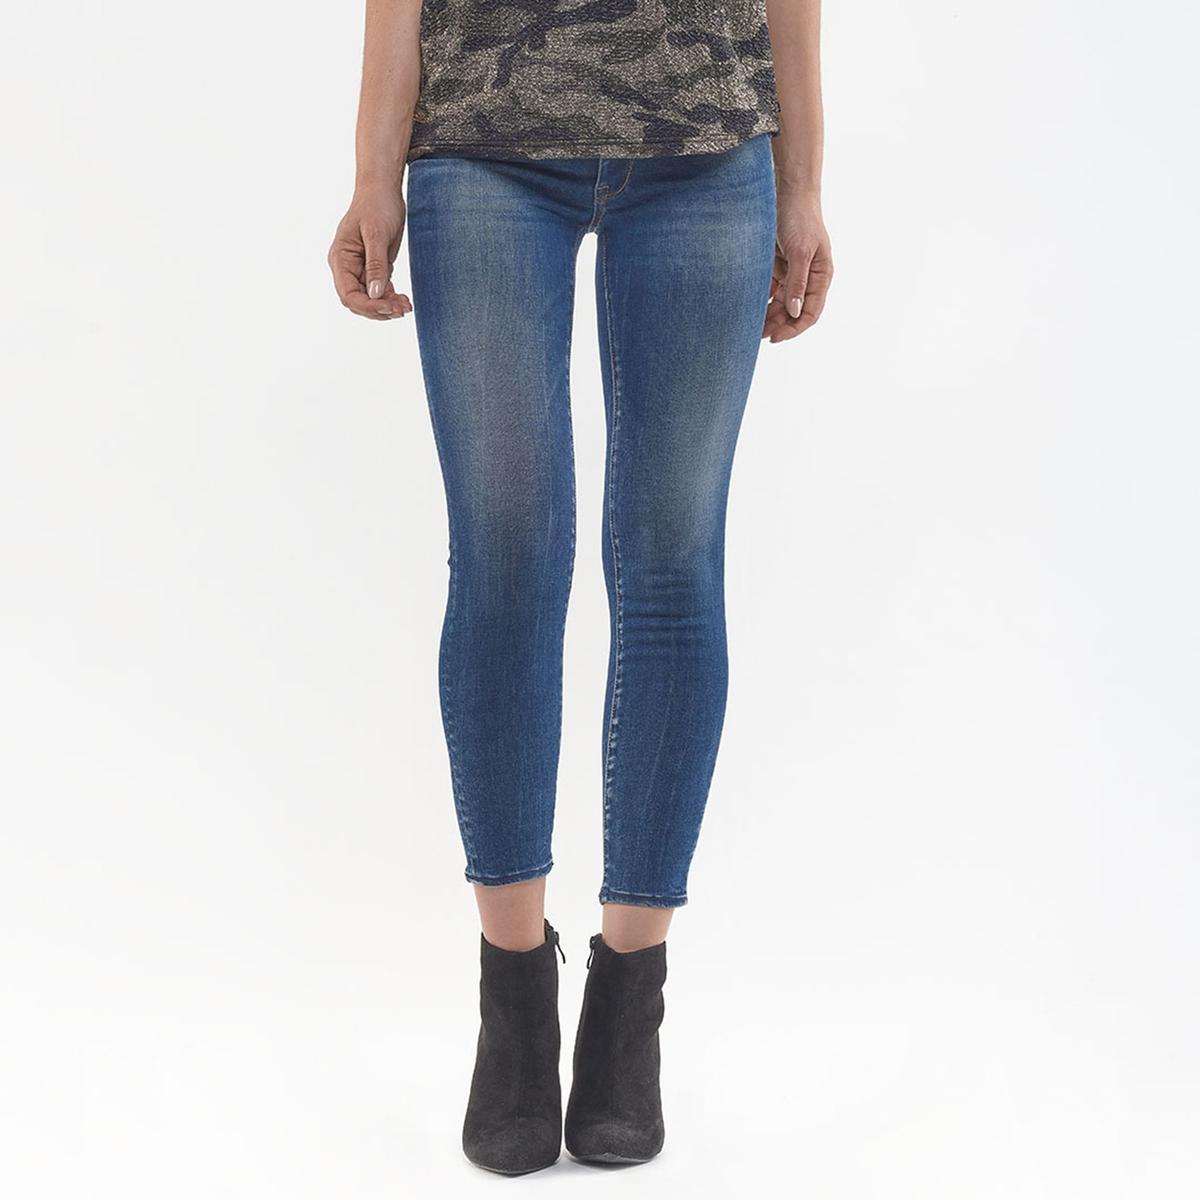 Джинсы La Redoute Узкие 29 (US) - 44/46 (RUS) синий джинсы la redoute узкие wilda 26 us 42 rus черный